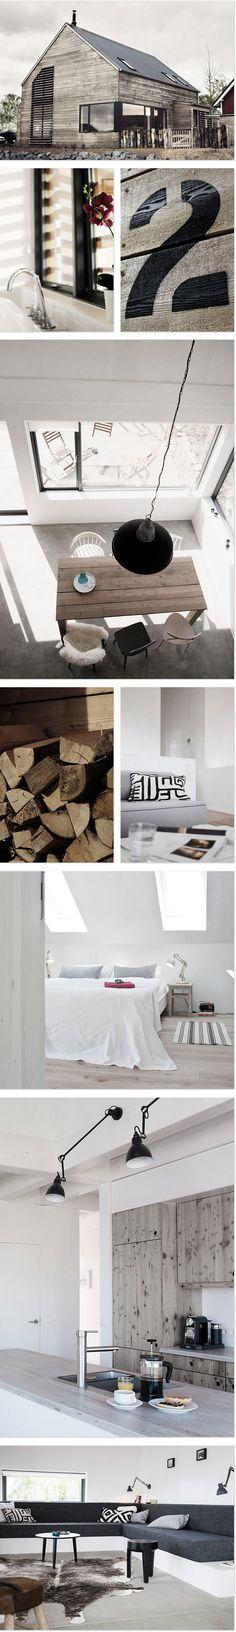 Strandwood House in Gager / Rügen ähnliche tolle Projekte und Ideen wie im Bild vorgestellt findest du auch in unserem Magazin